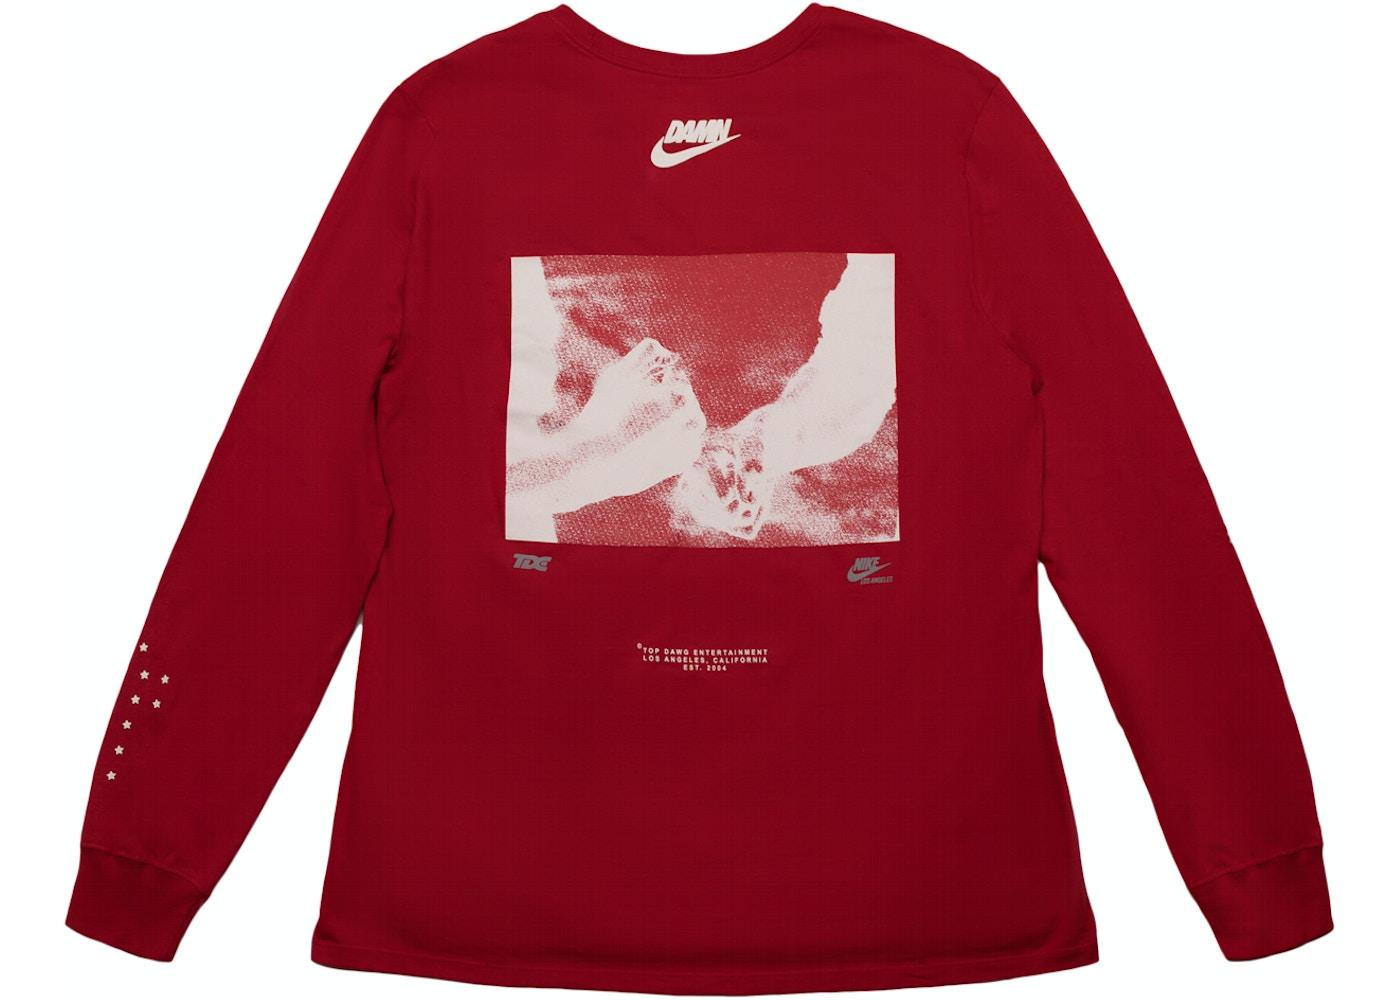 bb475bcfb Buy & Sell Streetwear - Supreme, Bape, Palace, Kith